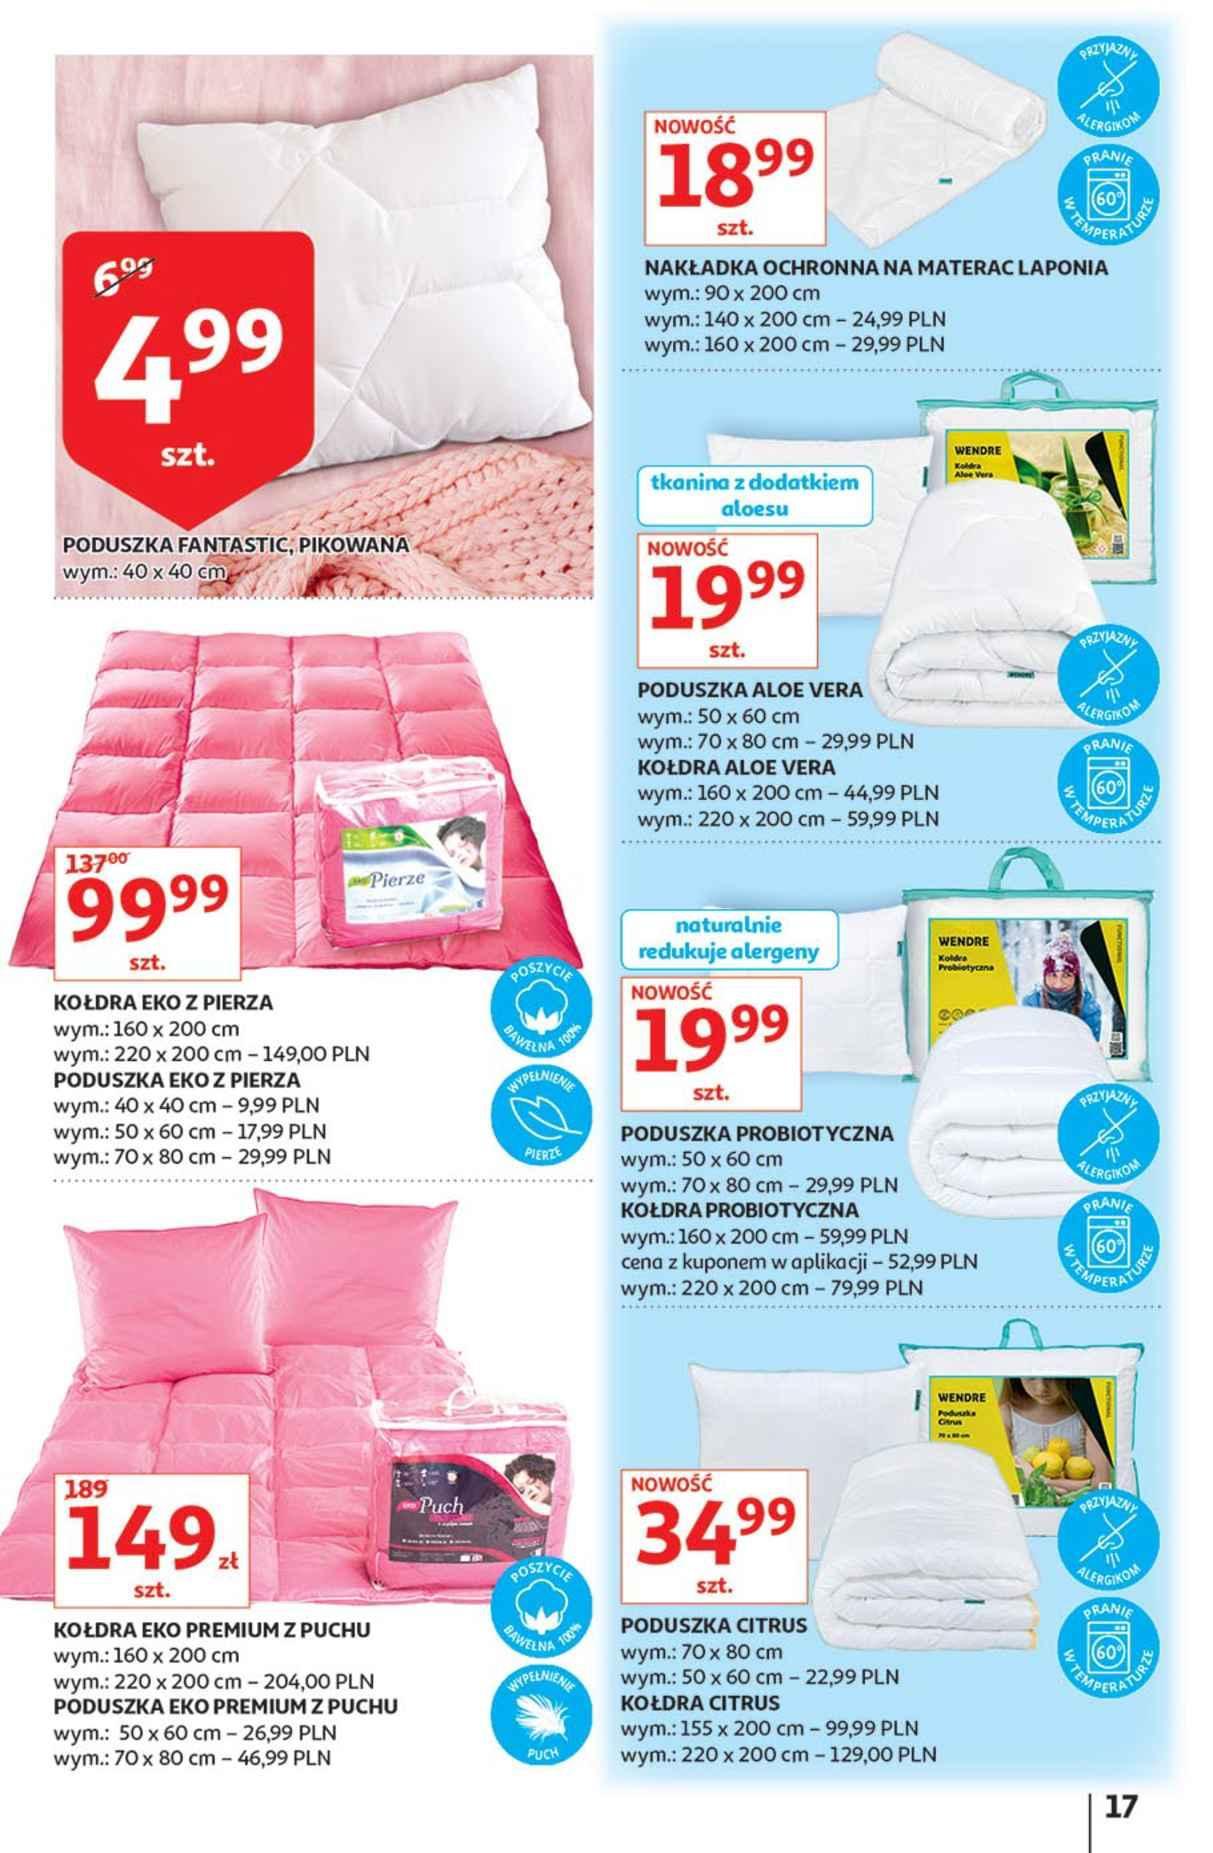 Gazetka promocyjna Auchan do 23/01/2019 str.17